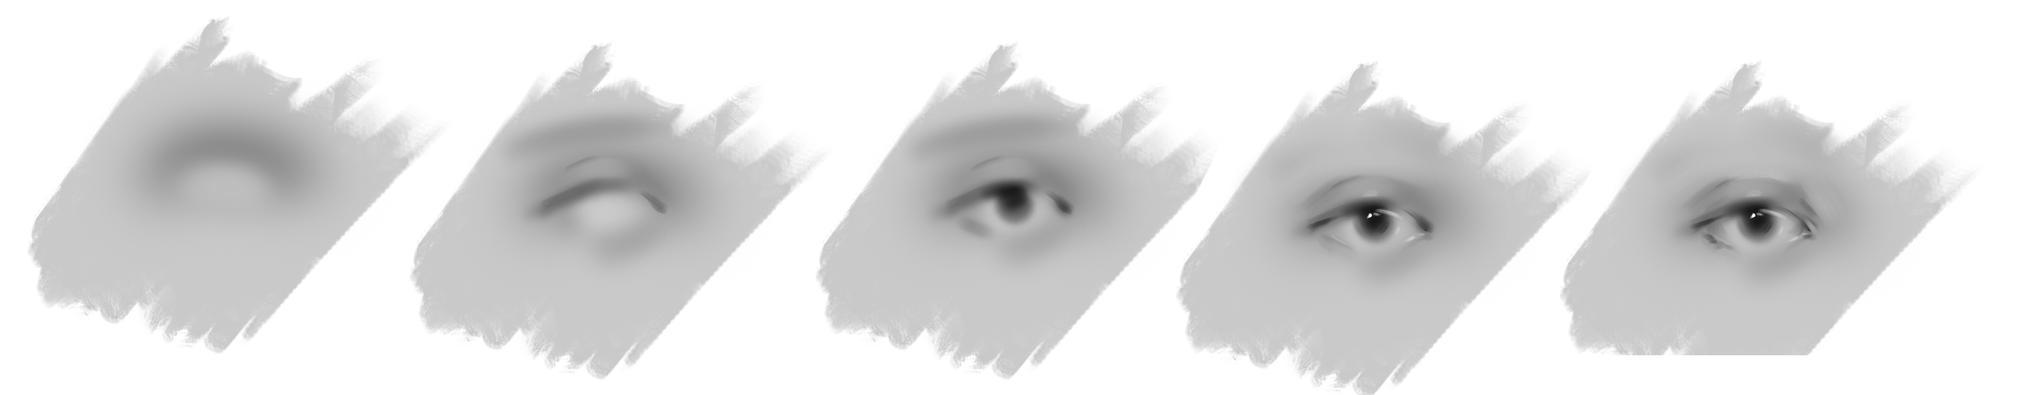 eyes tutorial by RaV89